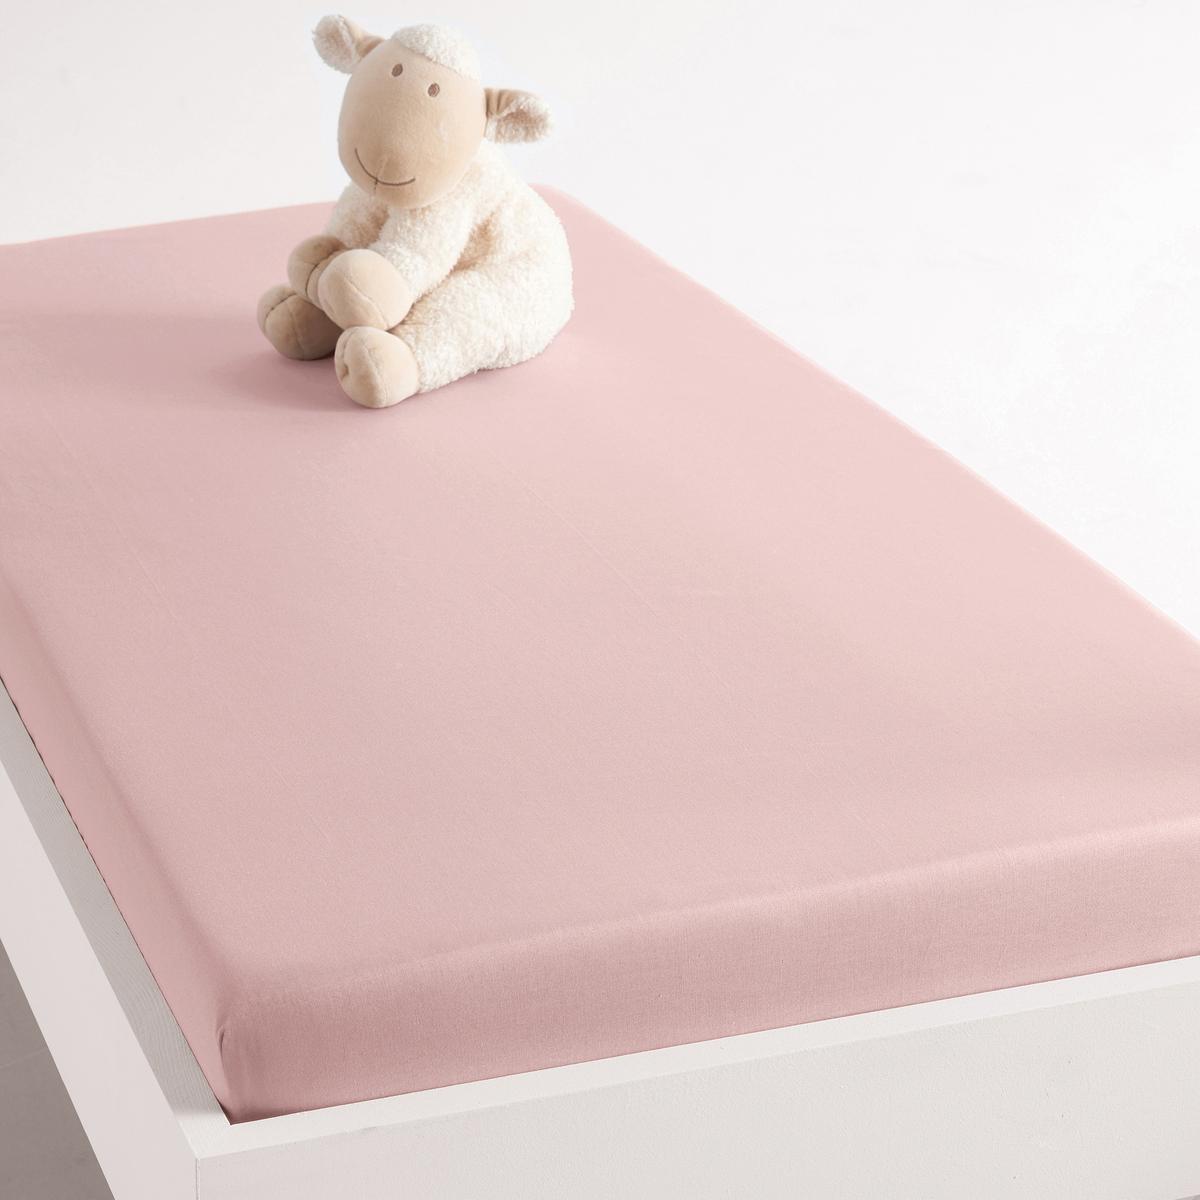 Фото Натяжная простыня из хлопка для детской кровати. Купить с доставкой